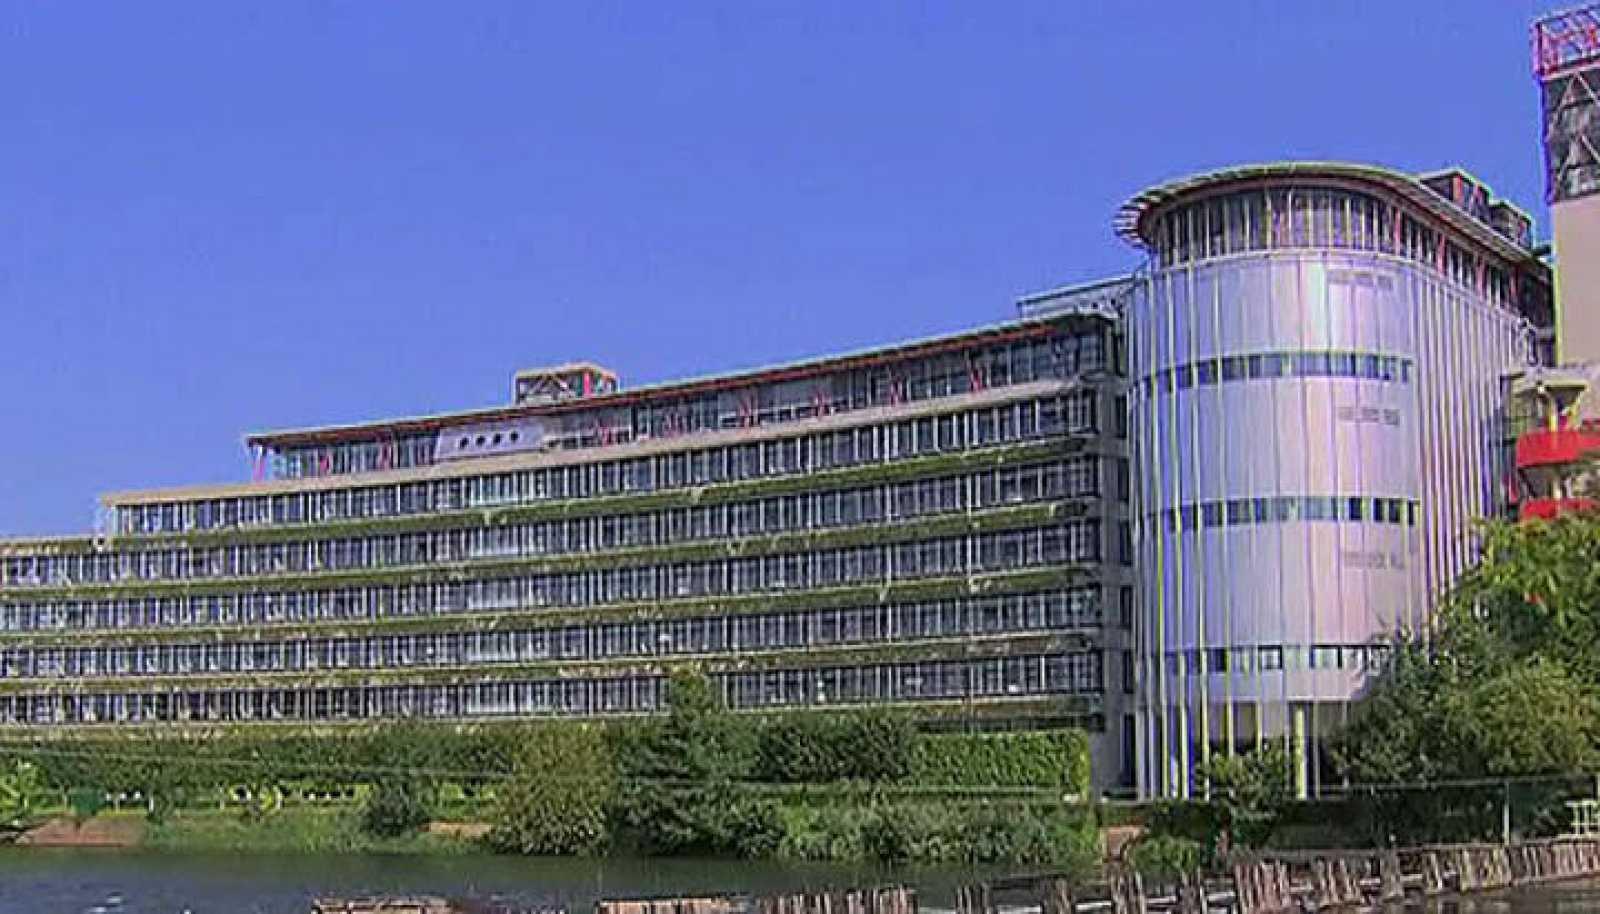 La sede del Tribunal Europeo de Derechos Humanos en Estrasburgo en Francia